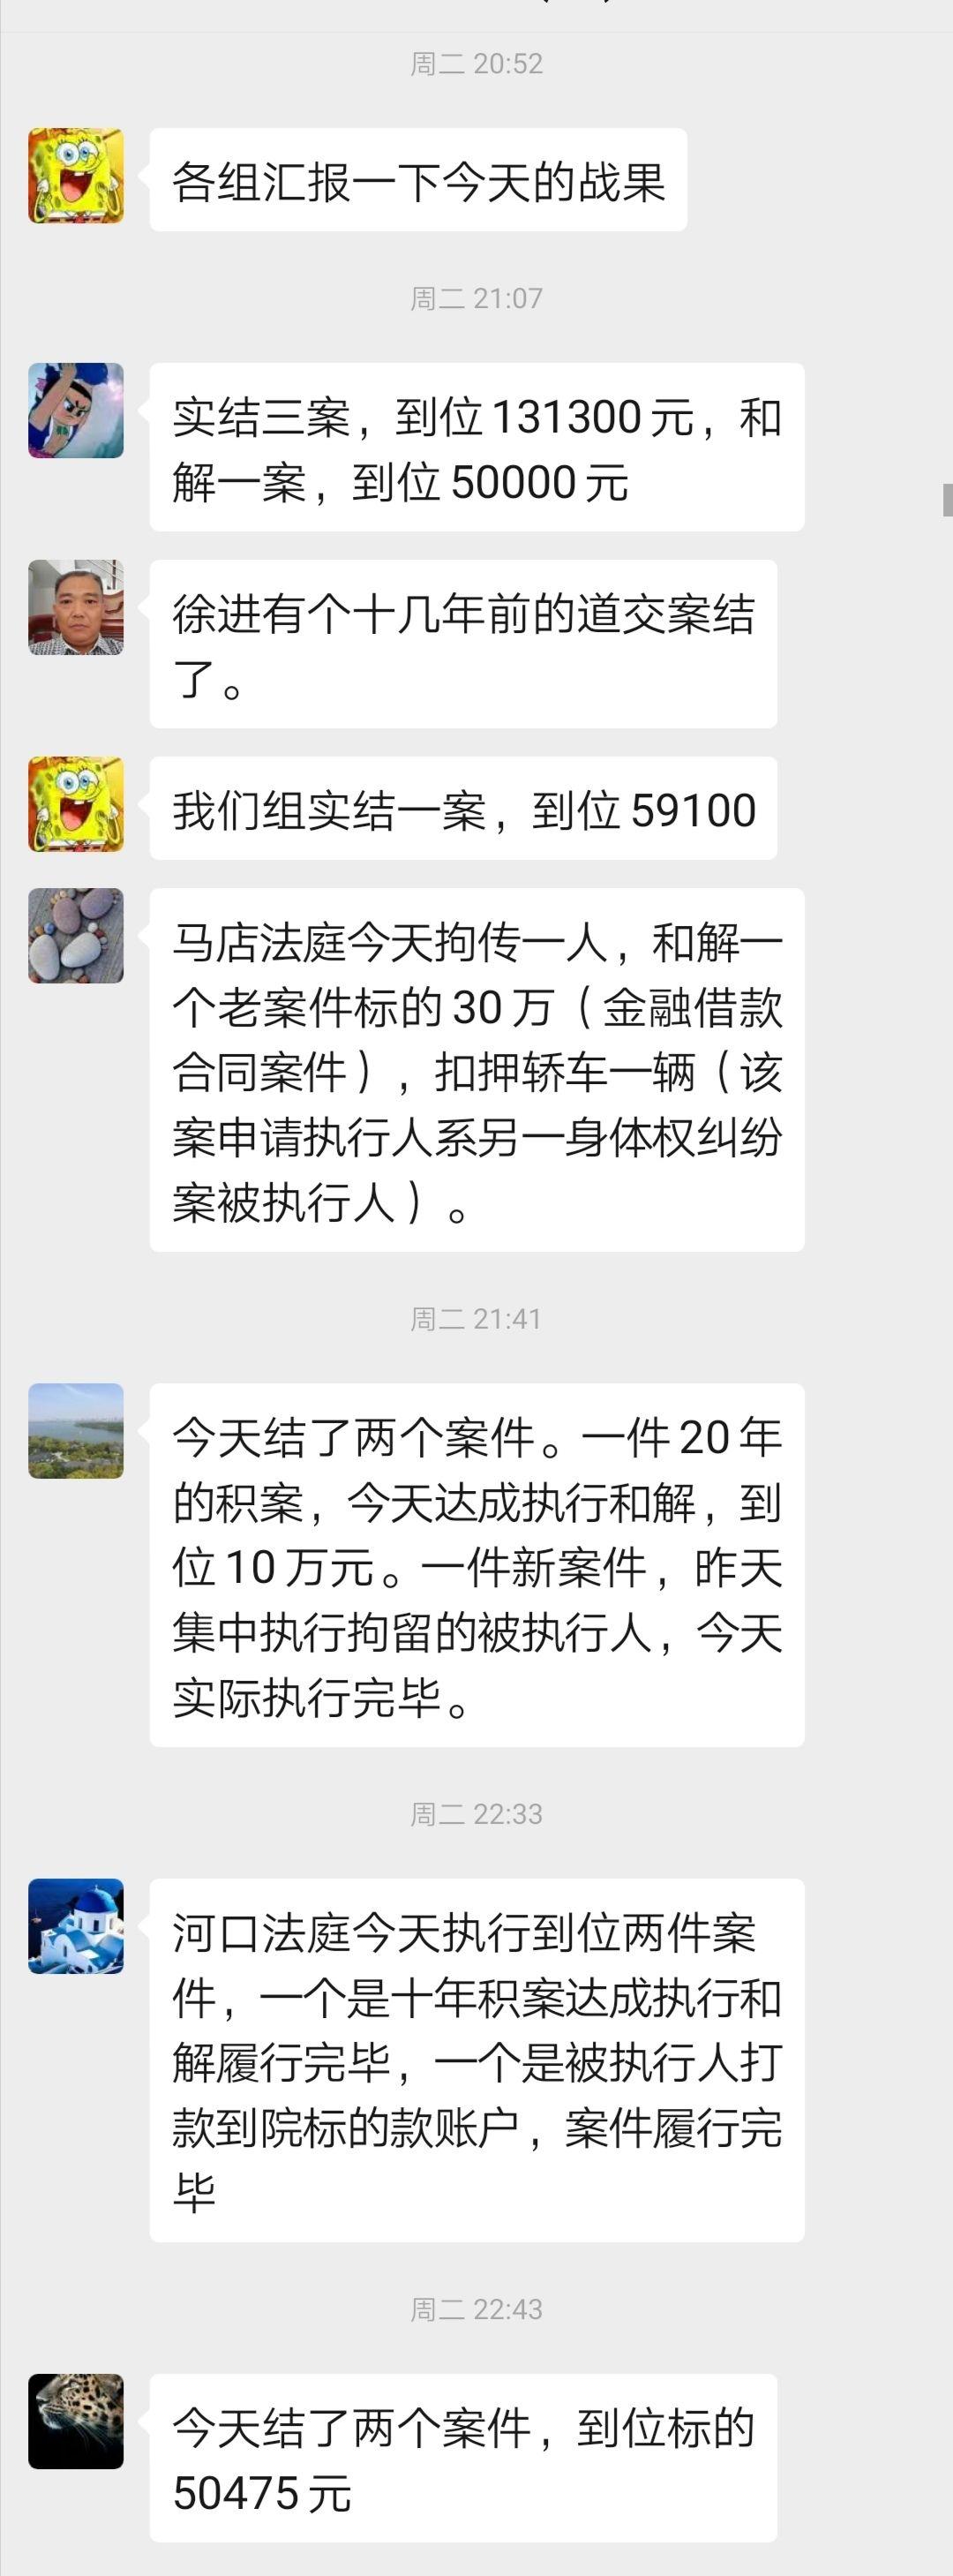 """霍邱法院""""江淮�L暴""""冬季行�拥诙�周:�探Y案件40多件,到位近400�f元!"""